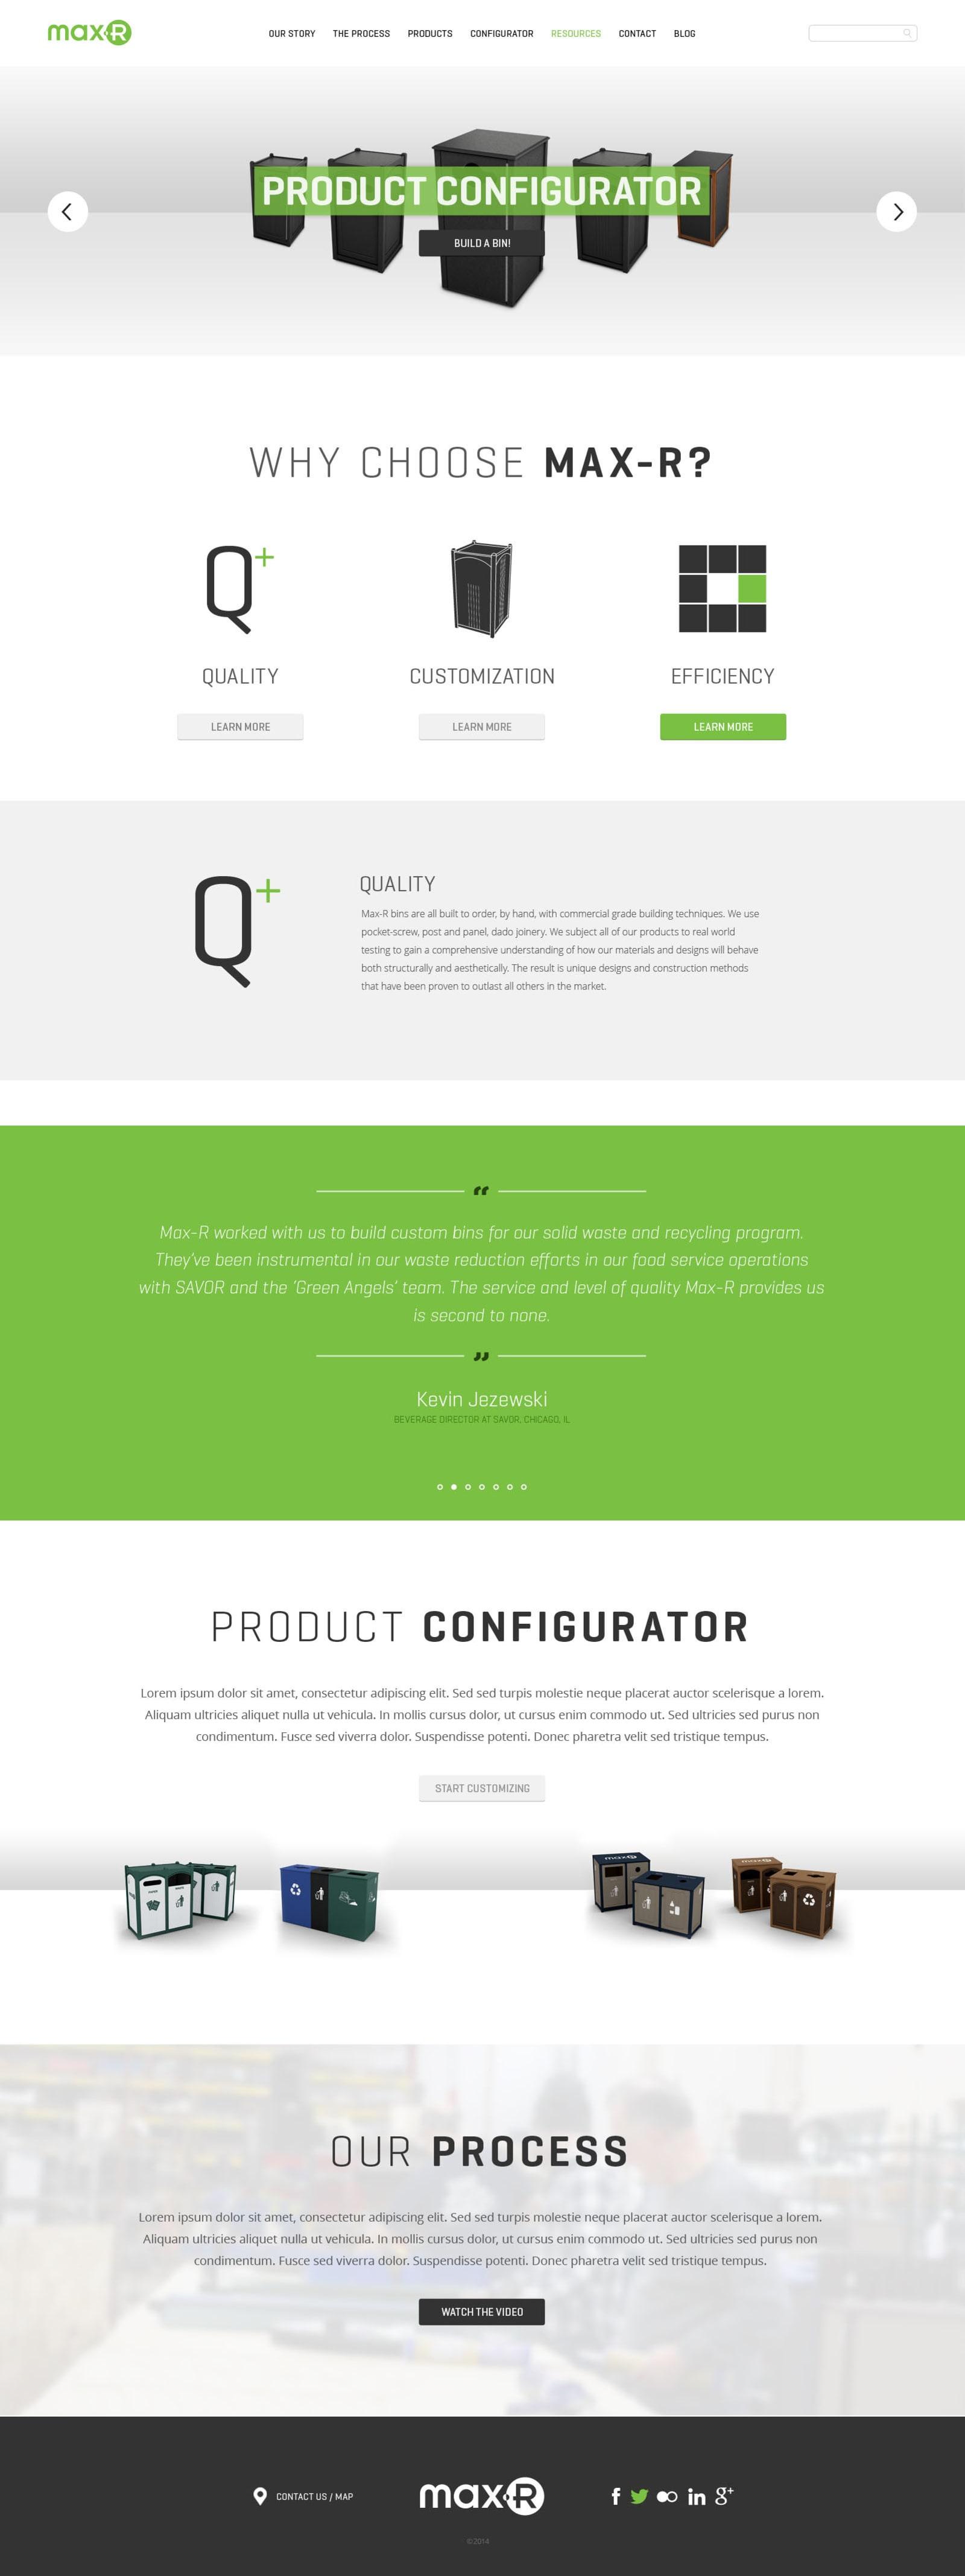 Max-R Website Homepage